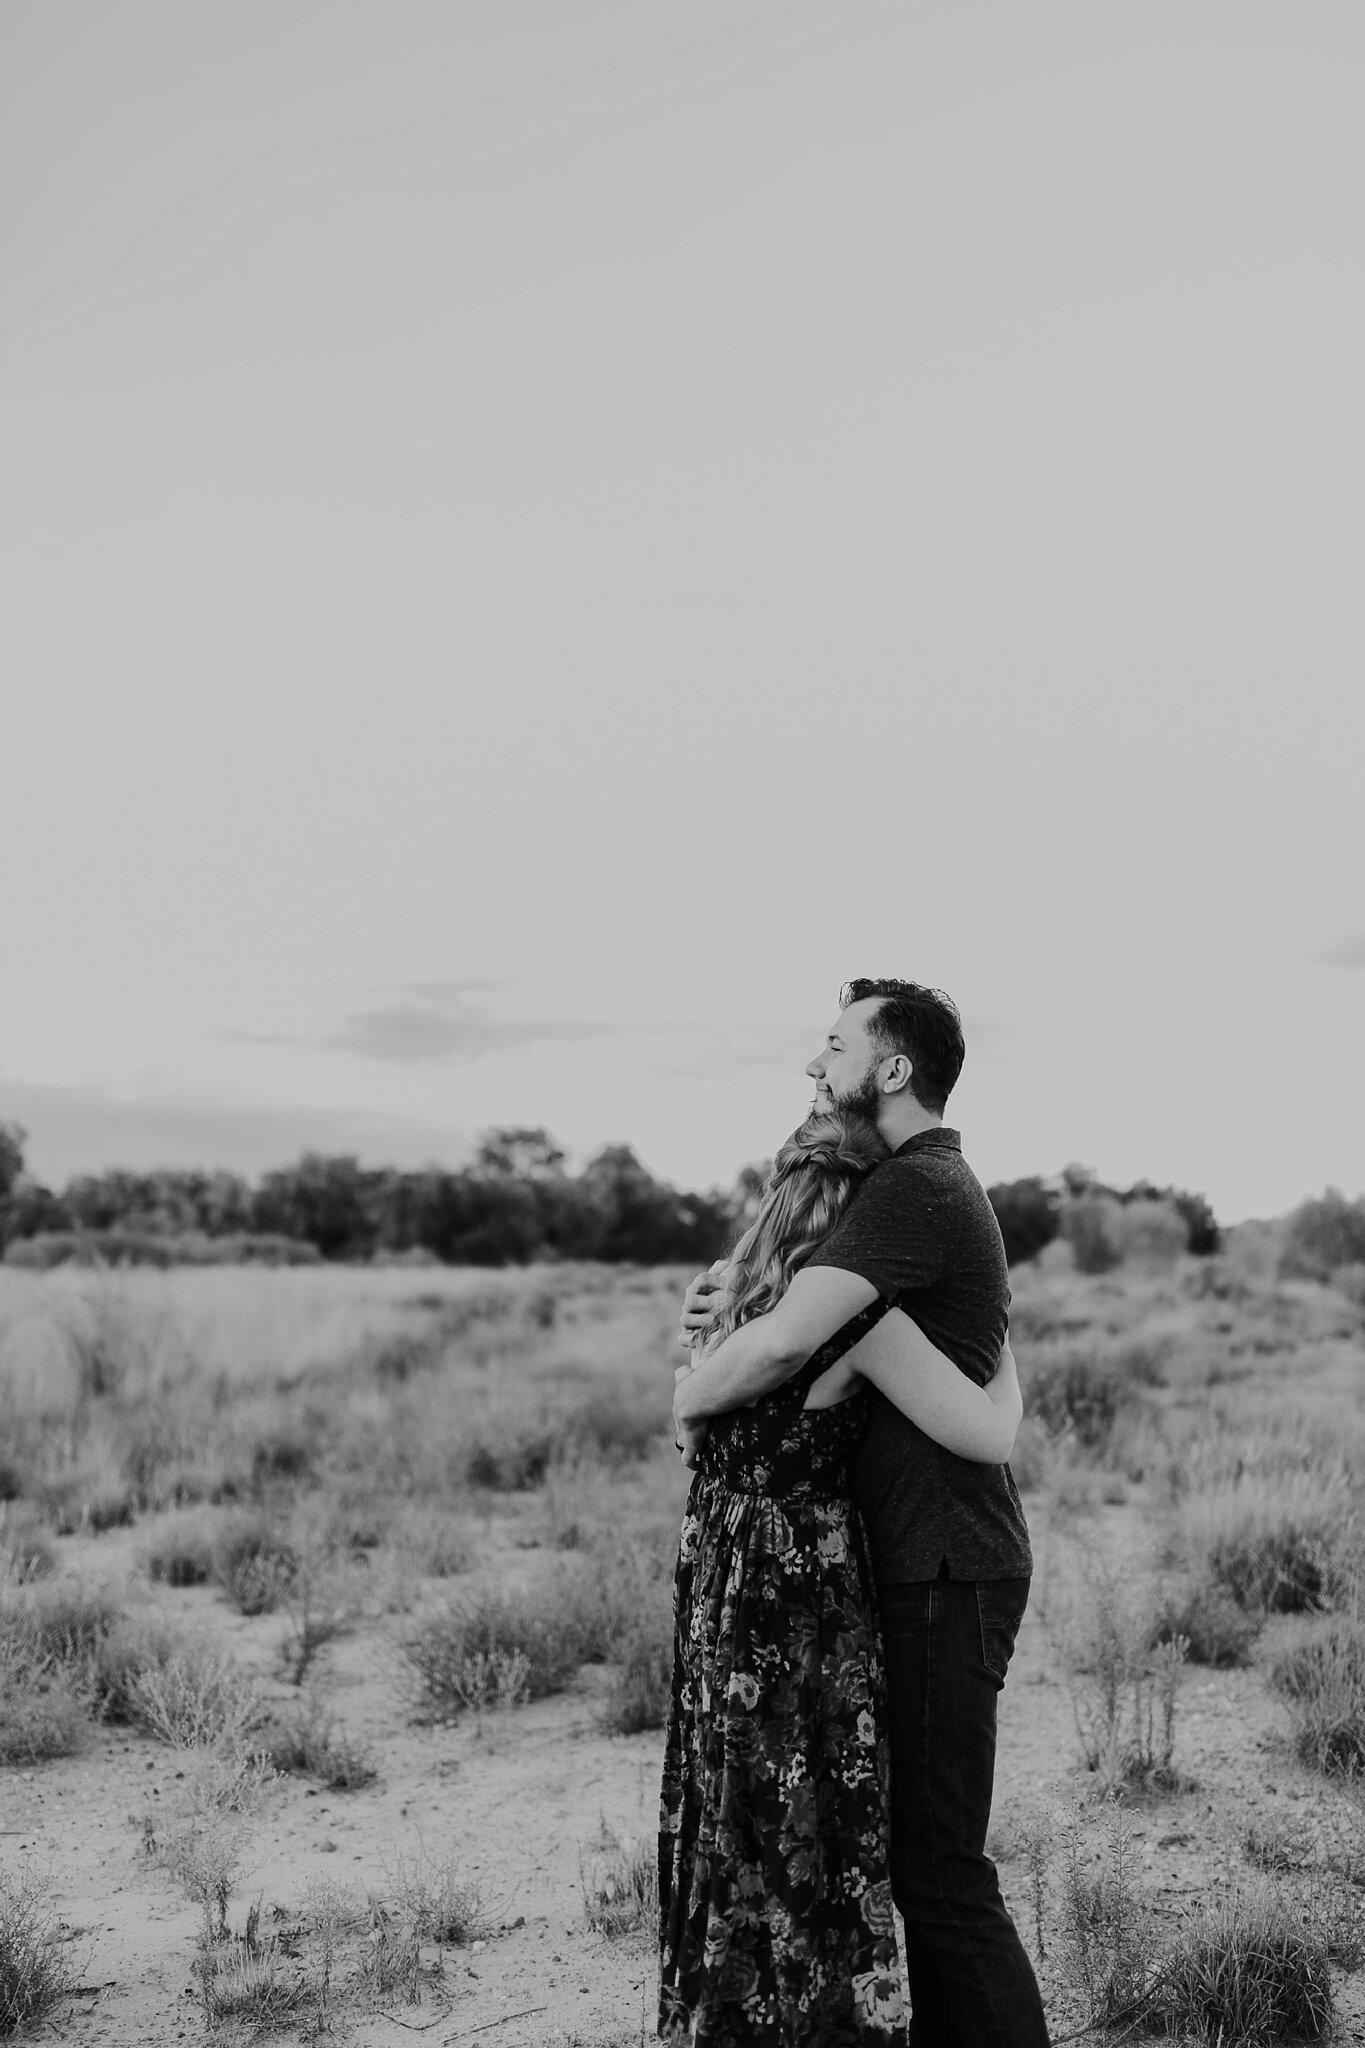 Alicia+lucia+photography+-+albuquerque+wedding+photographer+-+santa+fe+wedding+photography+-+new+mexico+wedding+photographer+-+new+mexico+wedding+-+engagement+-+desert+engagement+-+new+mexico+engagement+-+new+mexico+desert+engagement_0061.jpg